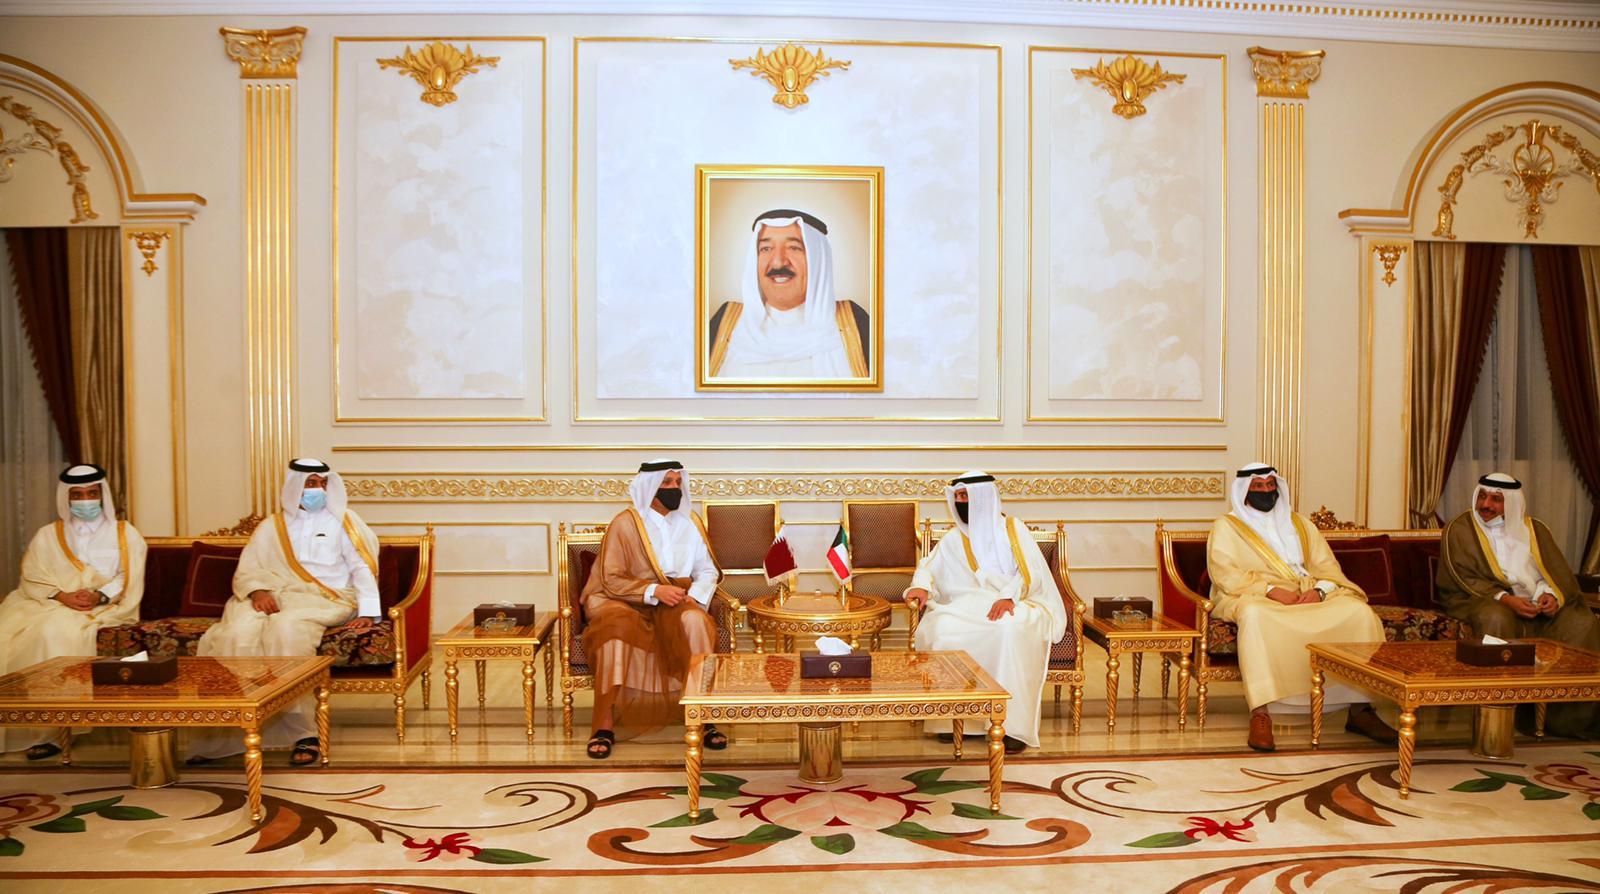 نائب رئيس مجلس الوزراء وزير الخارجية يجتمع مع وزير الخارجية الكويتي